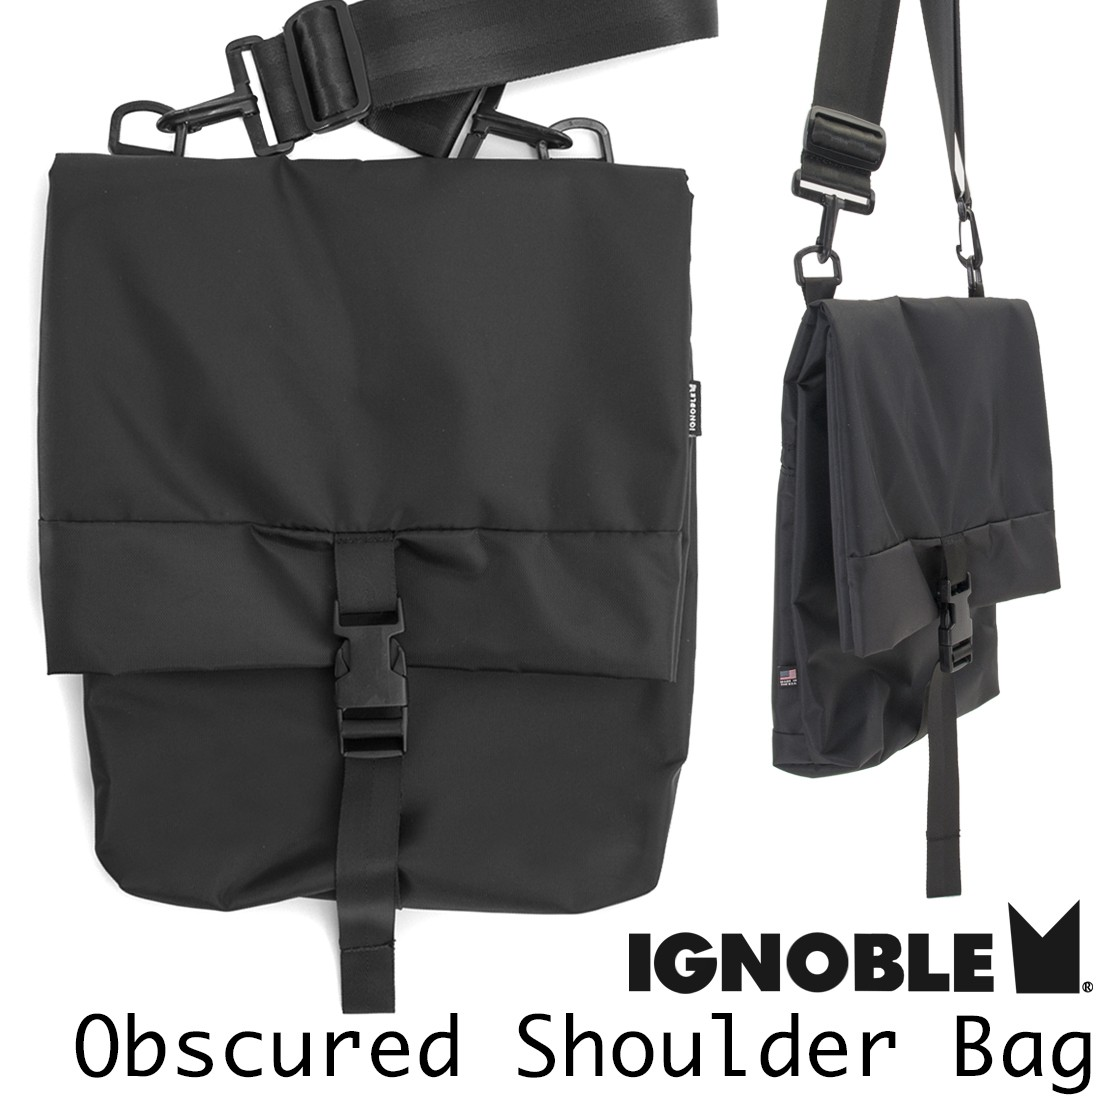 Obscured Shoulder Bag